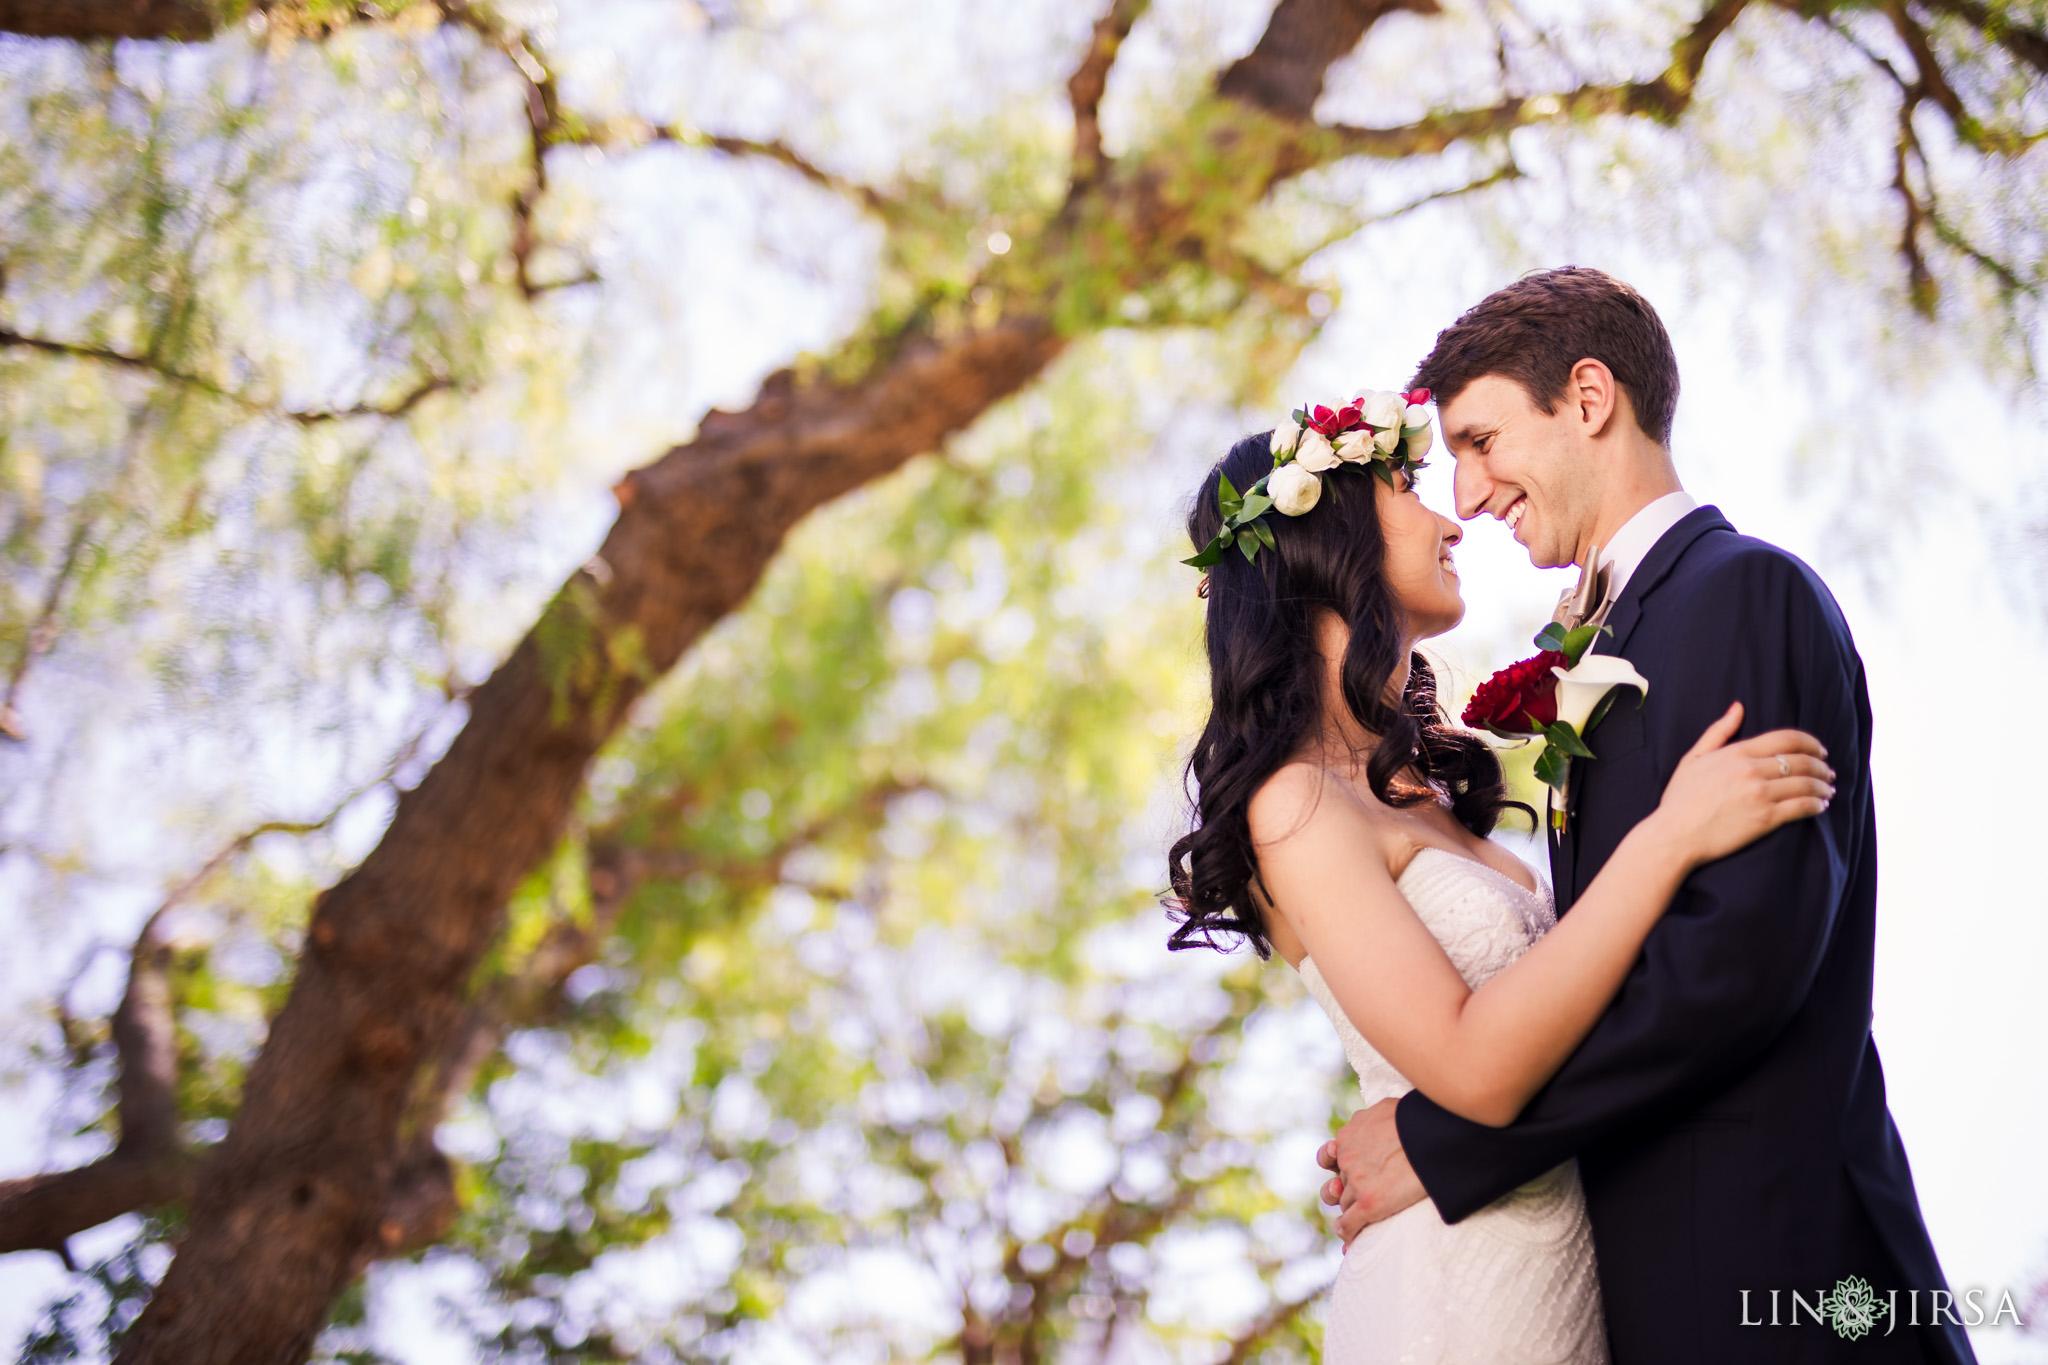 012 richard nixon library wedding photography